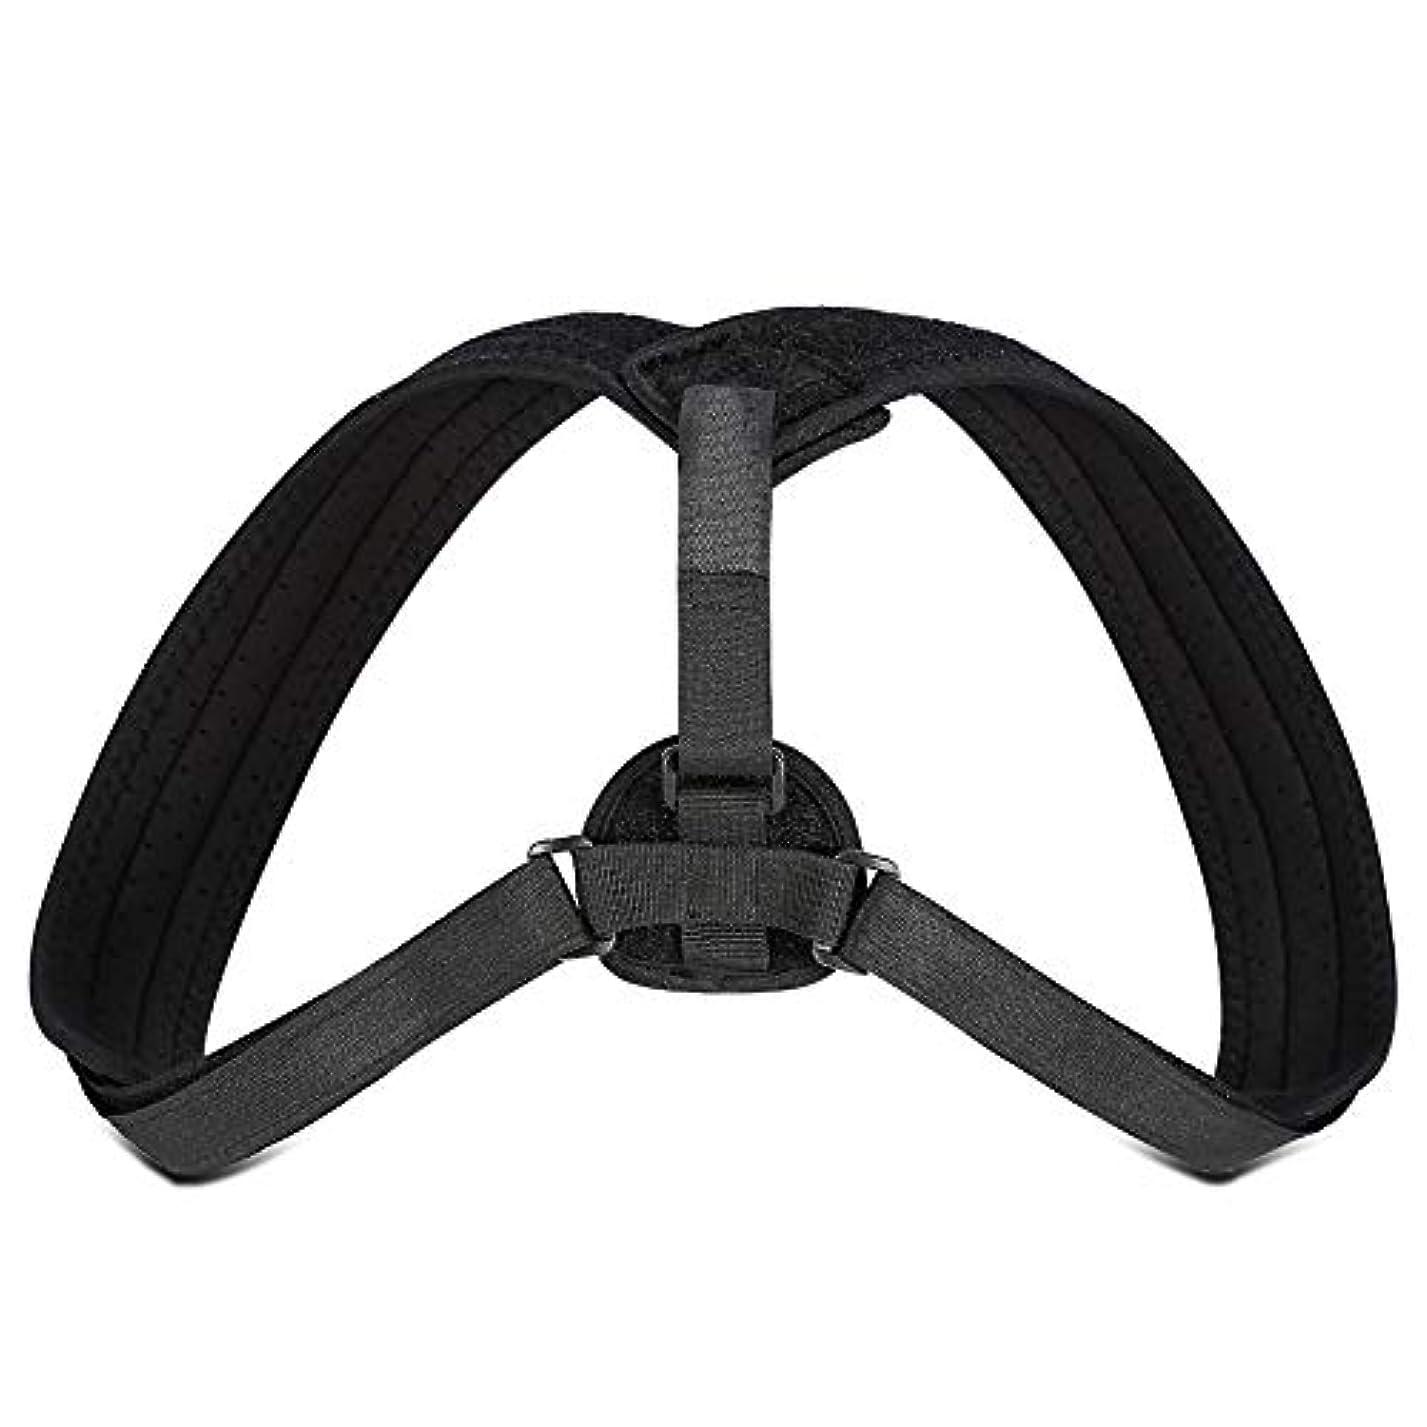 共感するギネス流産Yosoo Posture Corrector - ブレースアッパーバックネックショルダーサポートアジャスタブルストラップ、肩の体位補正、整形外科用こぶの緩和のための包帯矯正、ティーン用